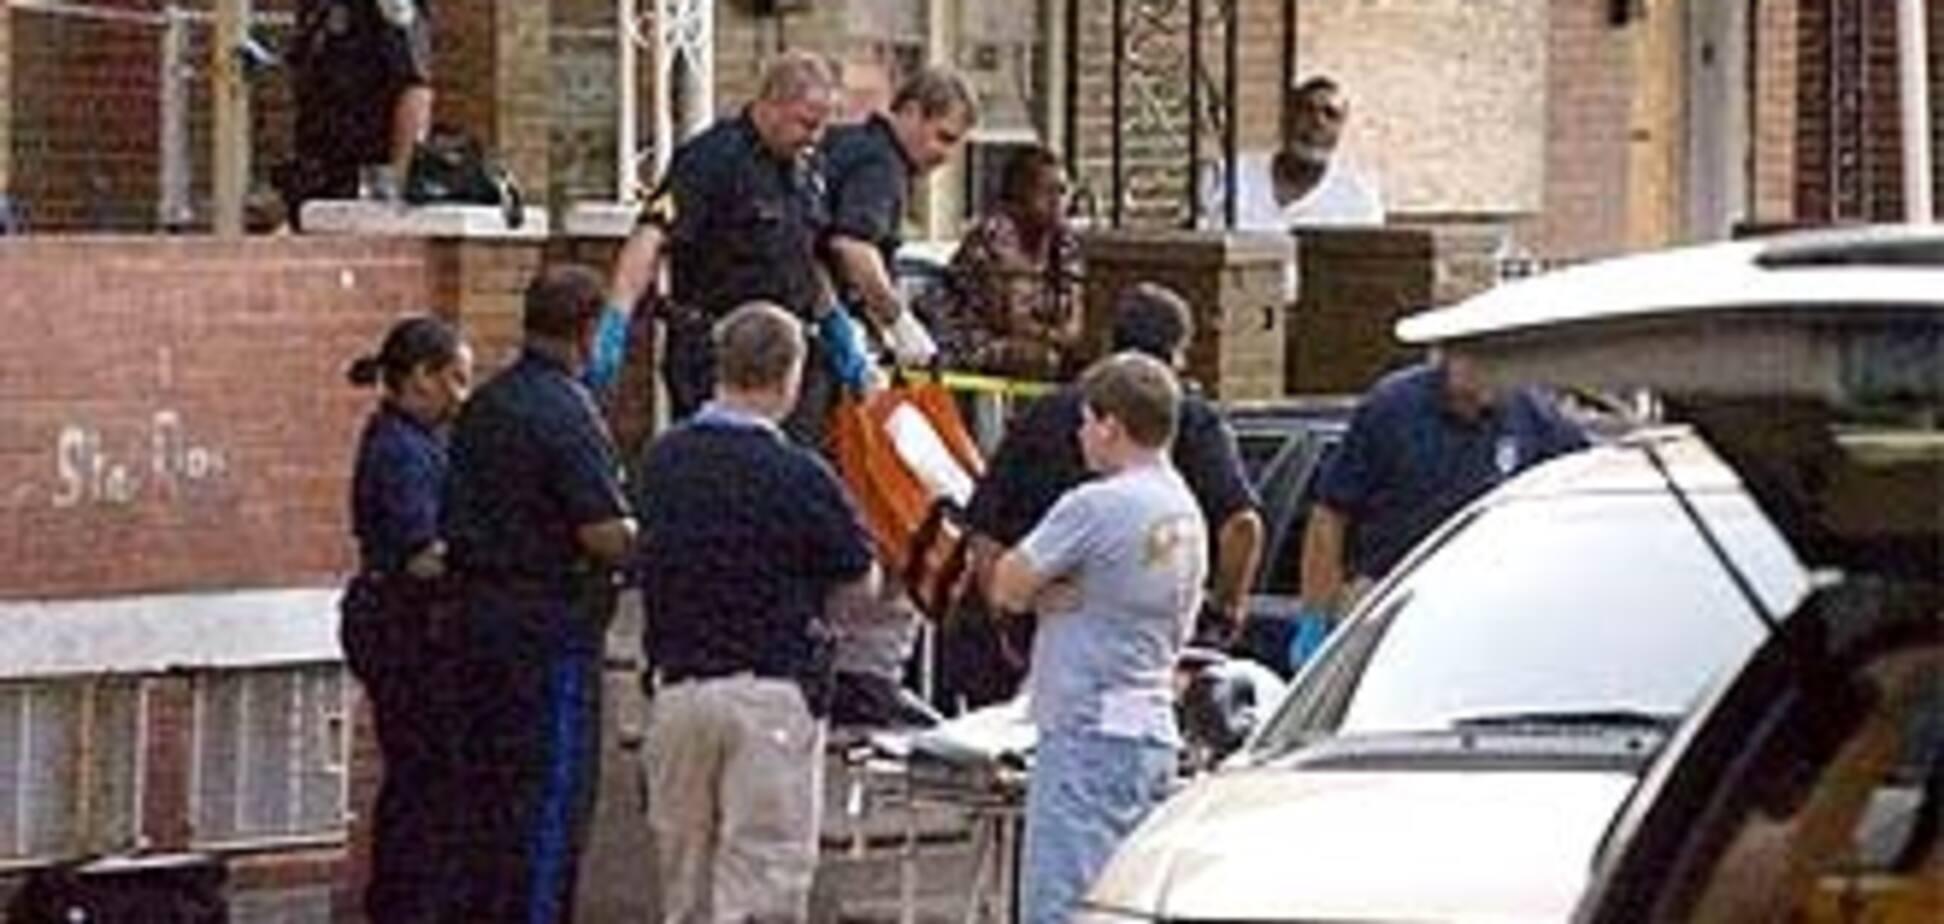 Сімейна сварка закінчилася бійнею і суїцидом: 5 трупів